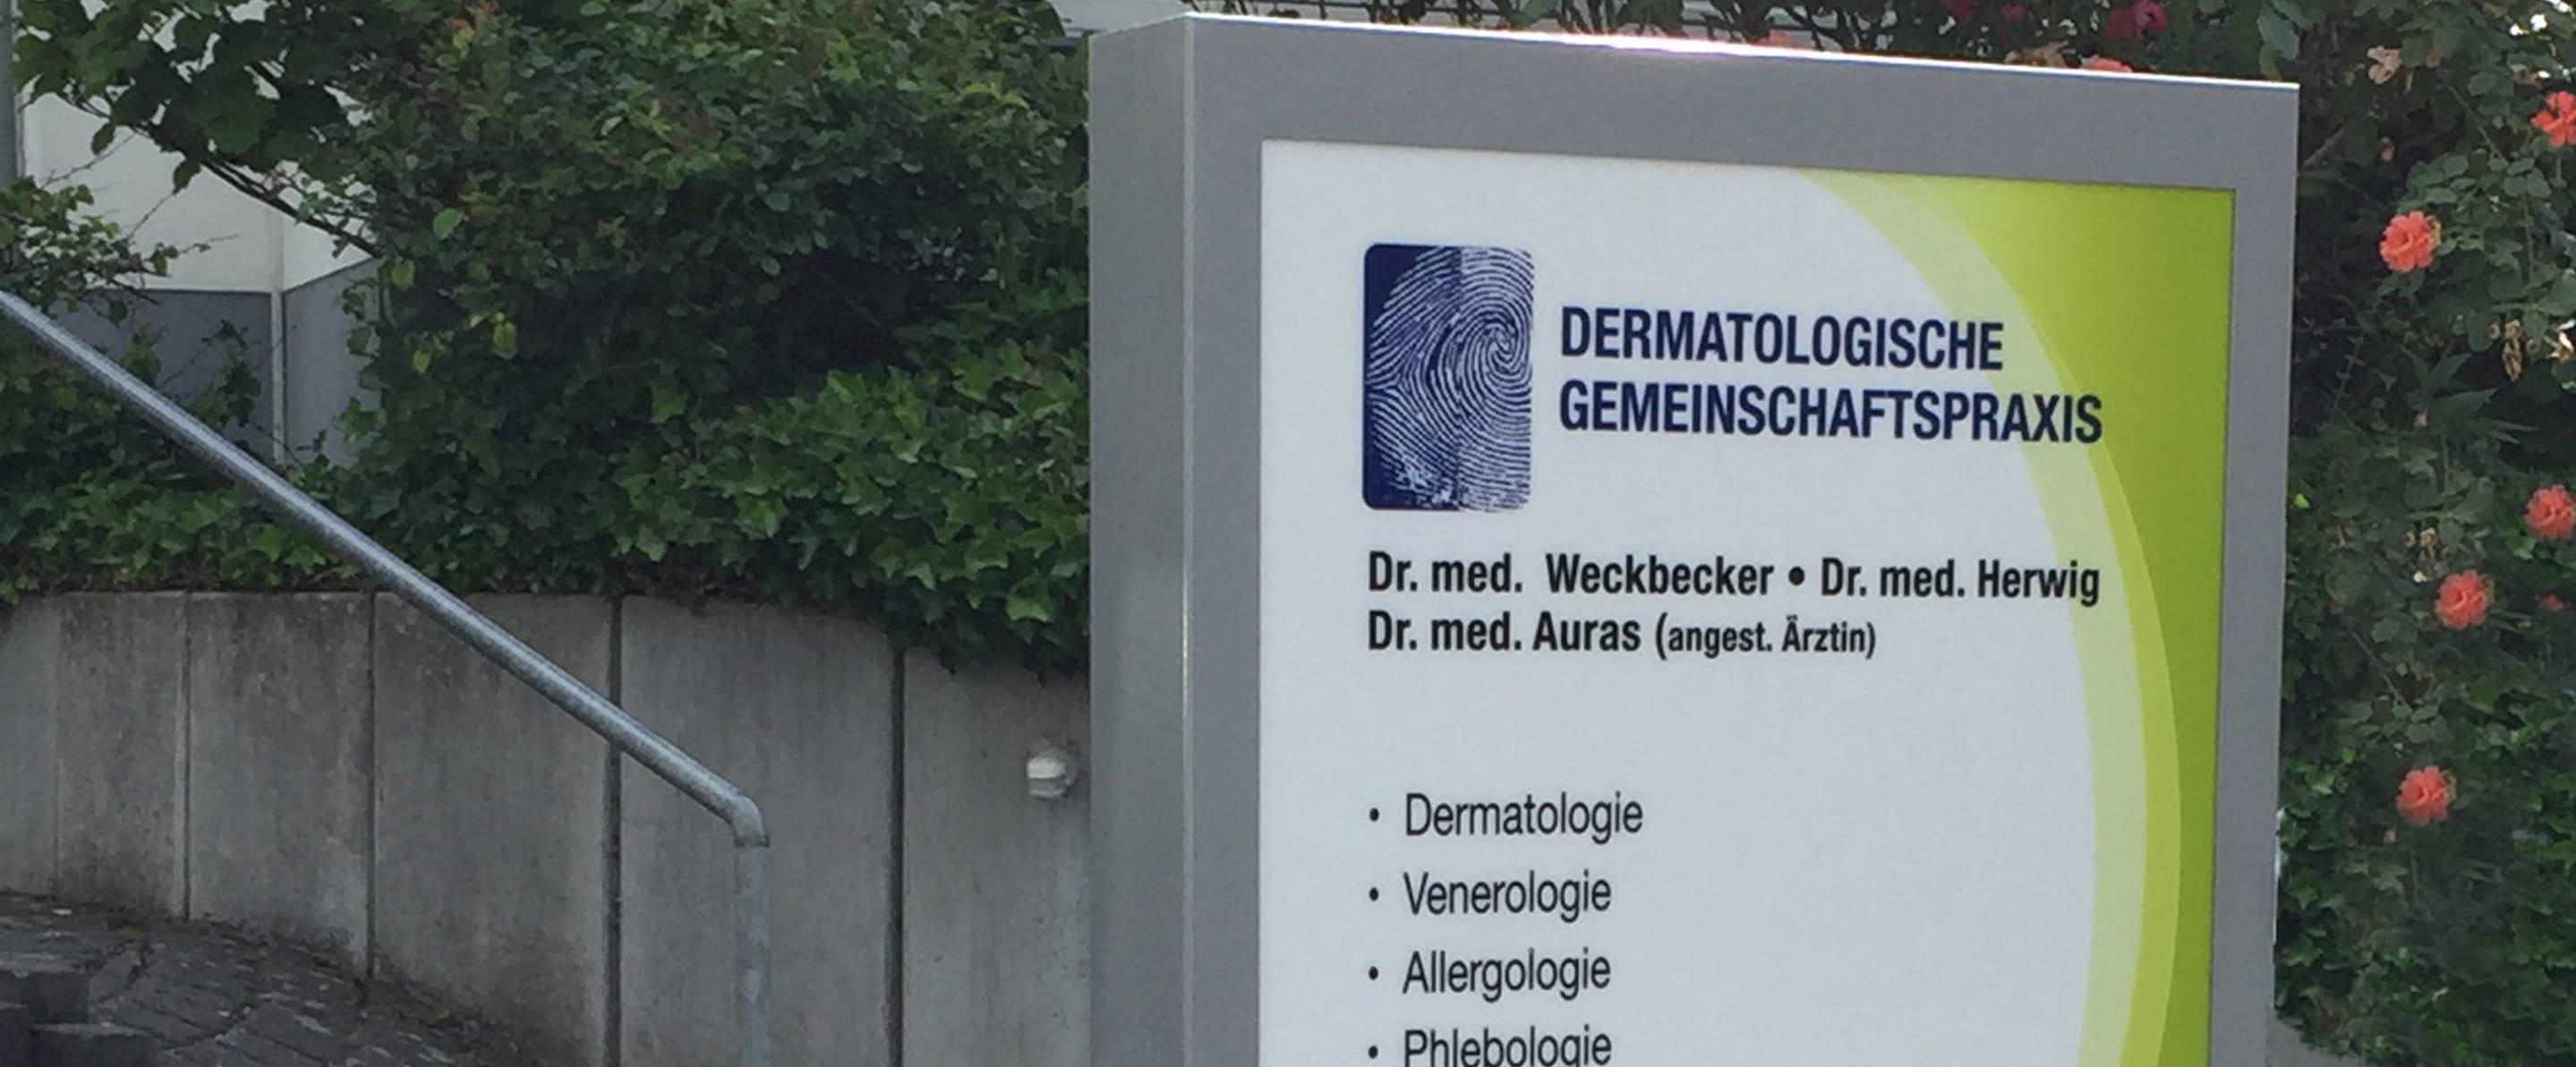 Werbepylon für eine dermatologische Gemeinschaftspraxis